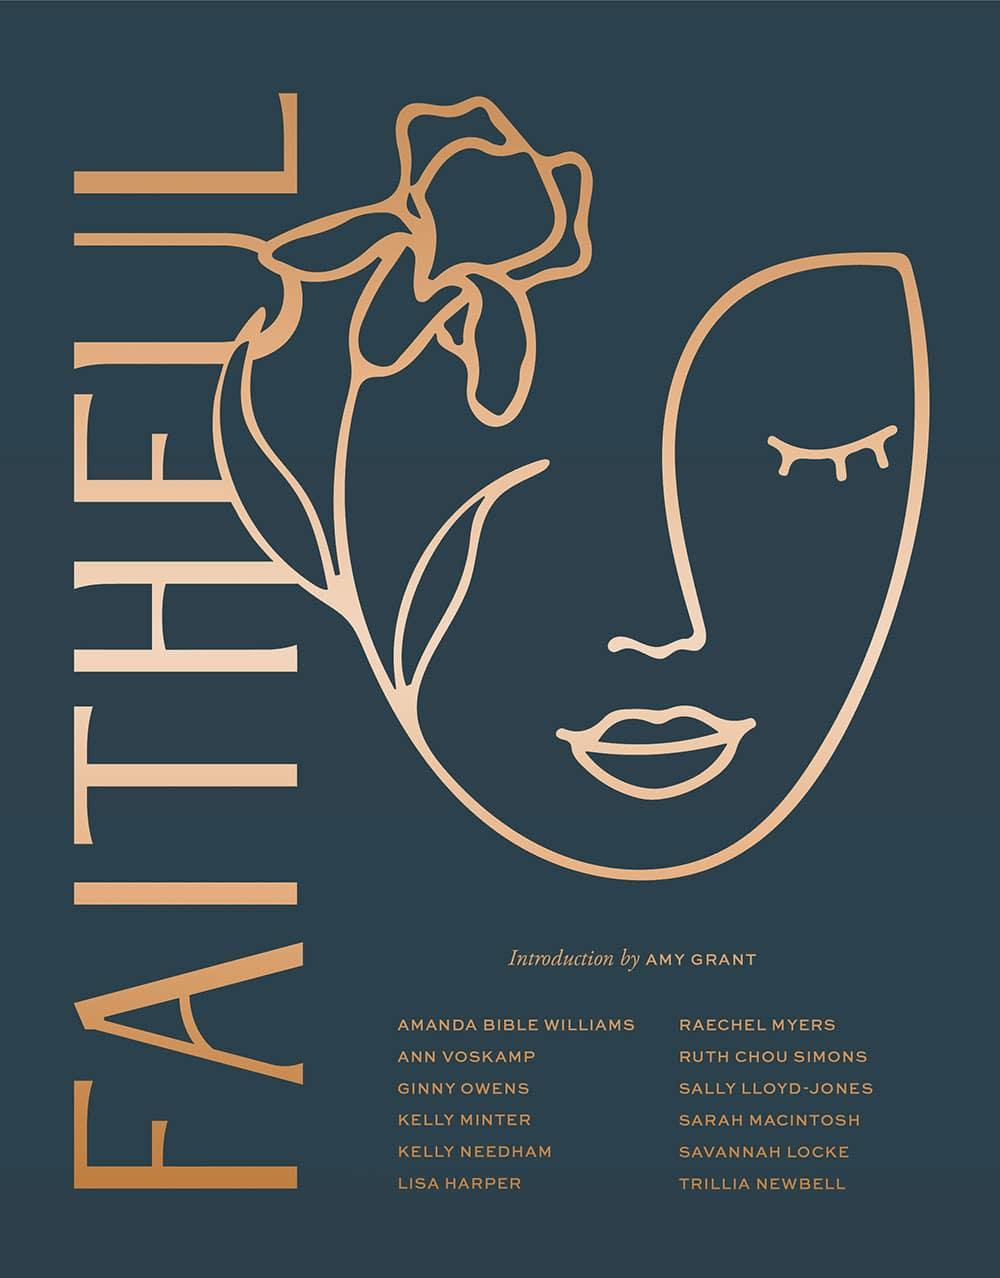 The Faithful Project